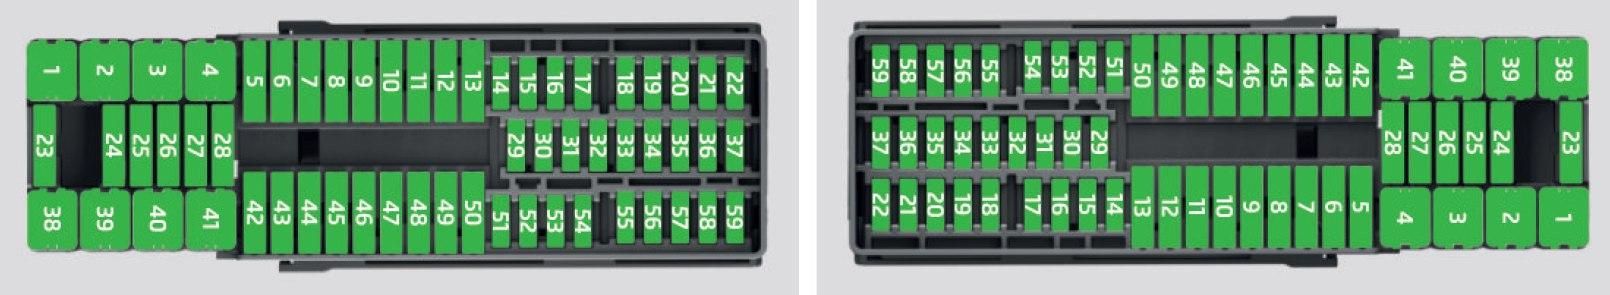 fuse box in skoda rapid